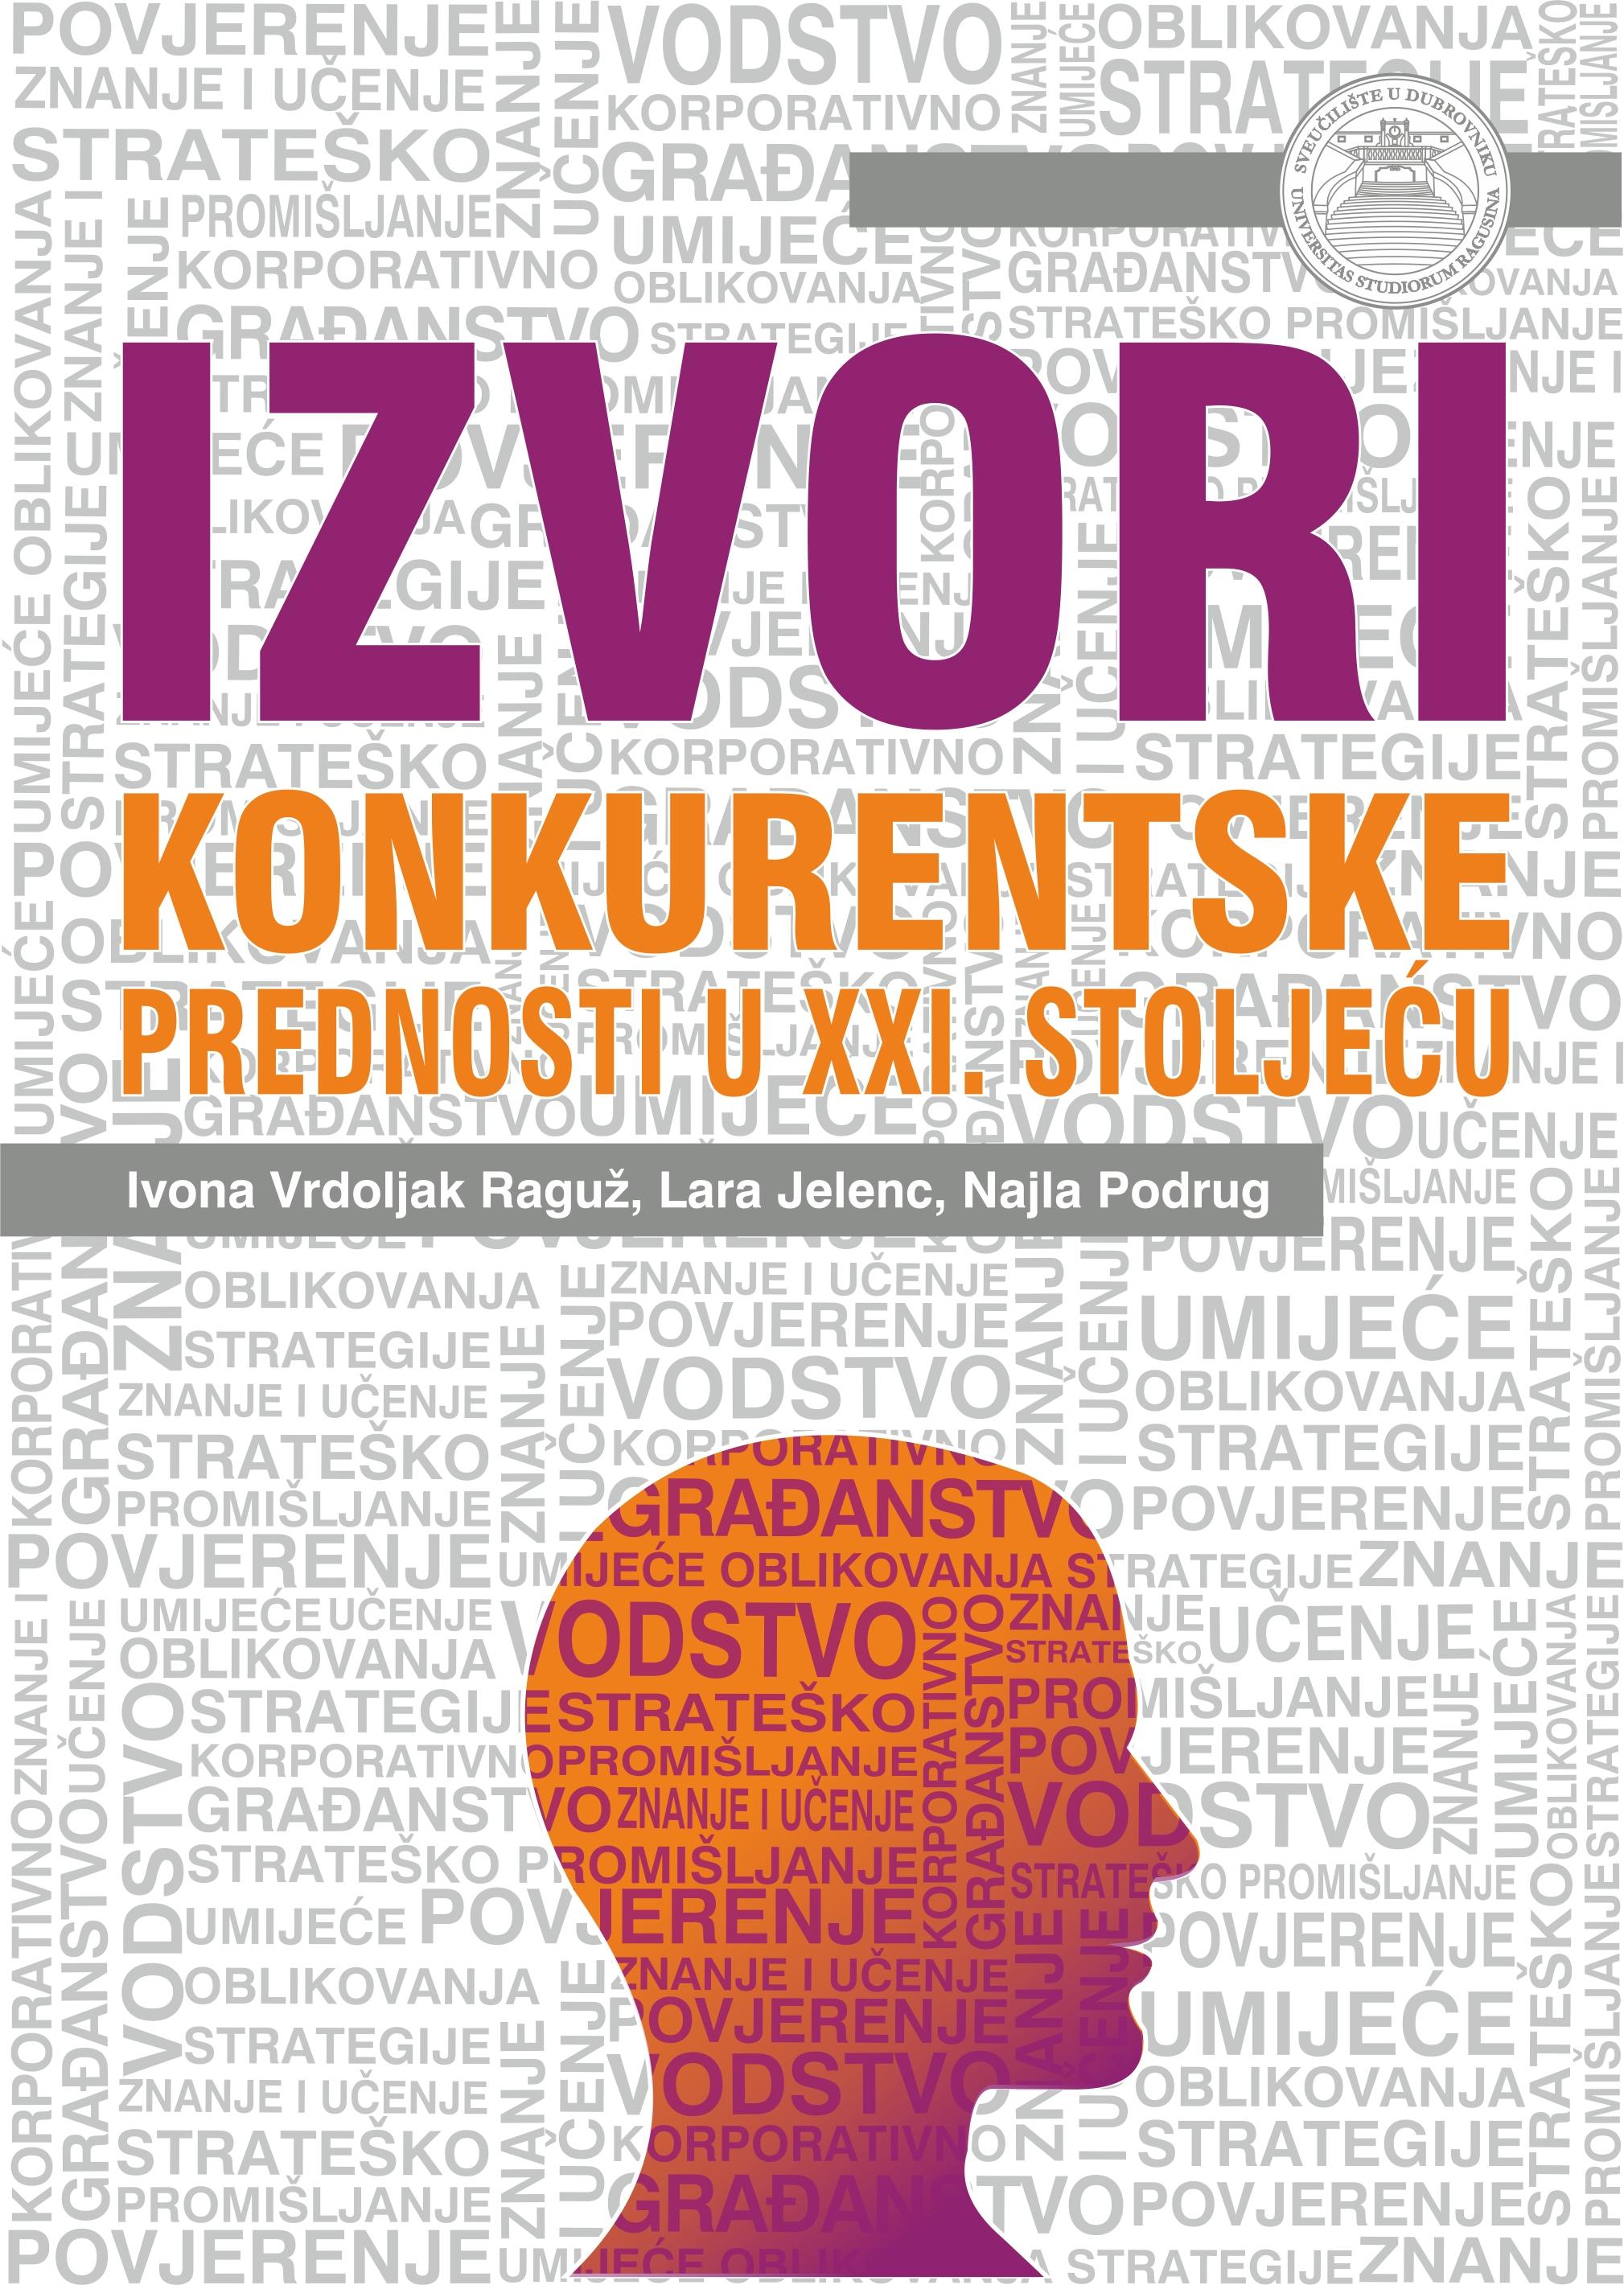 IZVORI KONKURENTSKE PREDNOSTI U XXI. STOLJEĆU - Naruči svoju knjigu